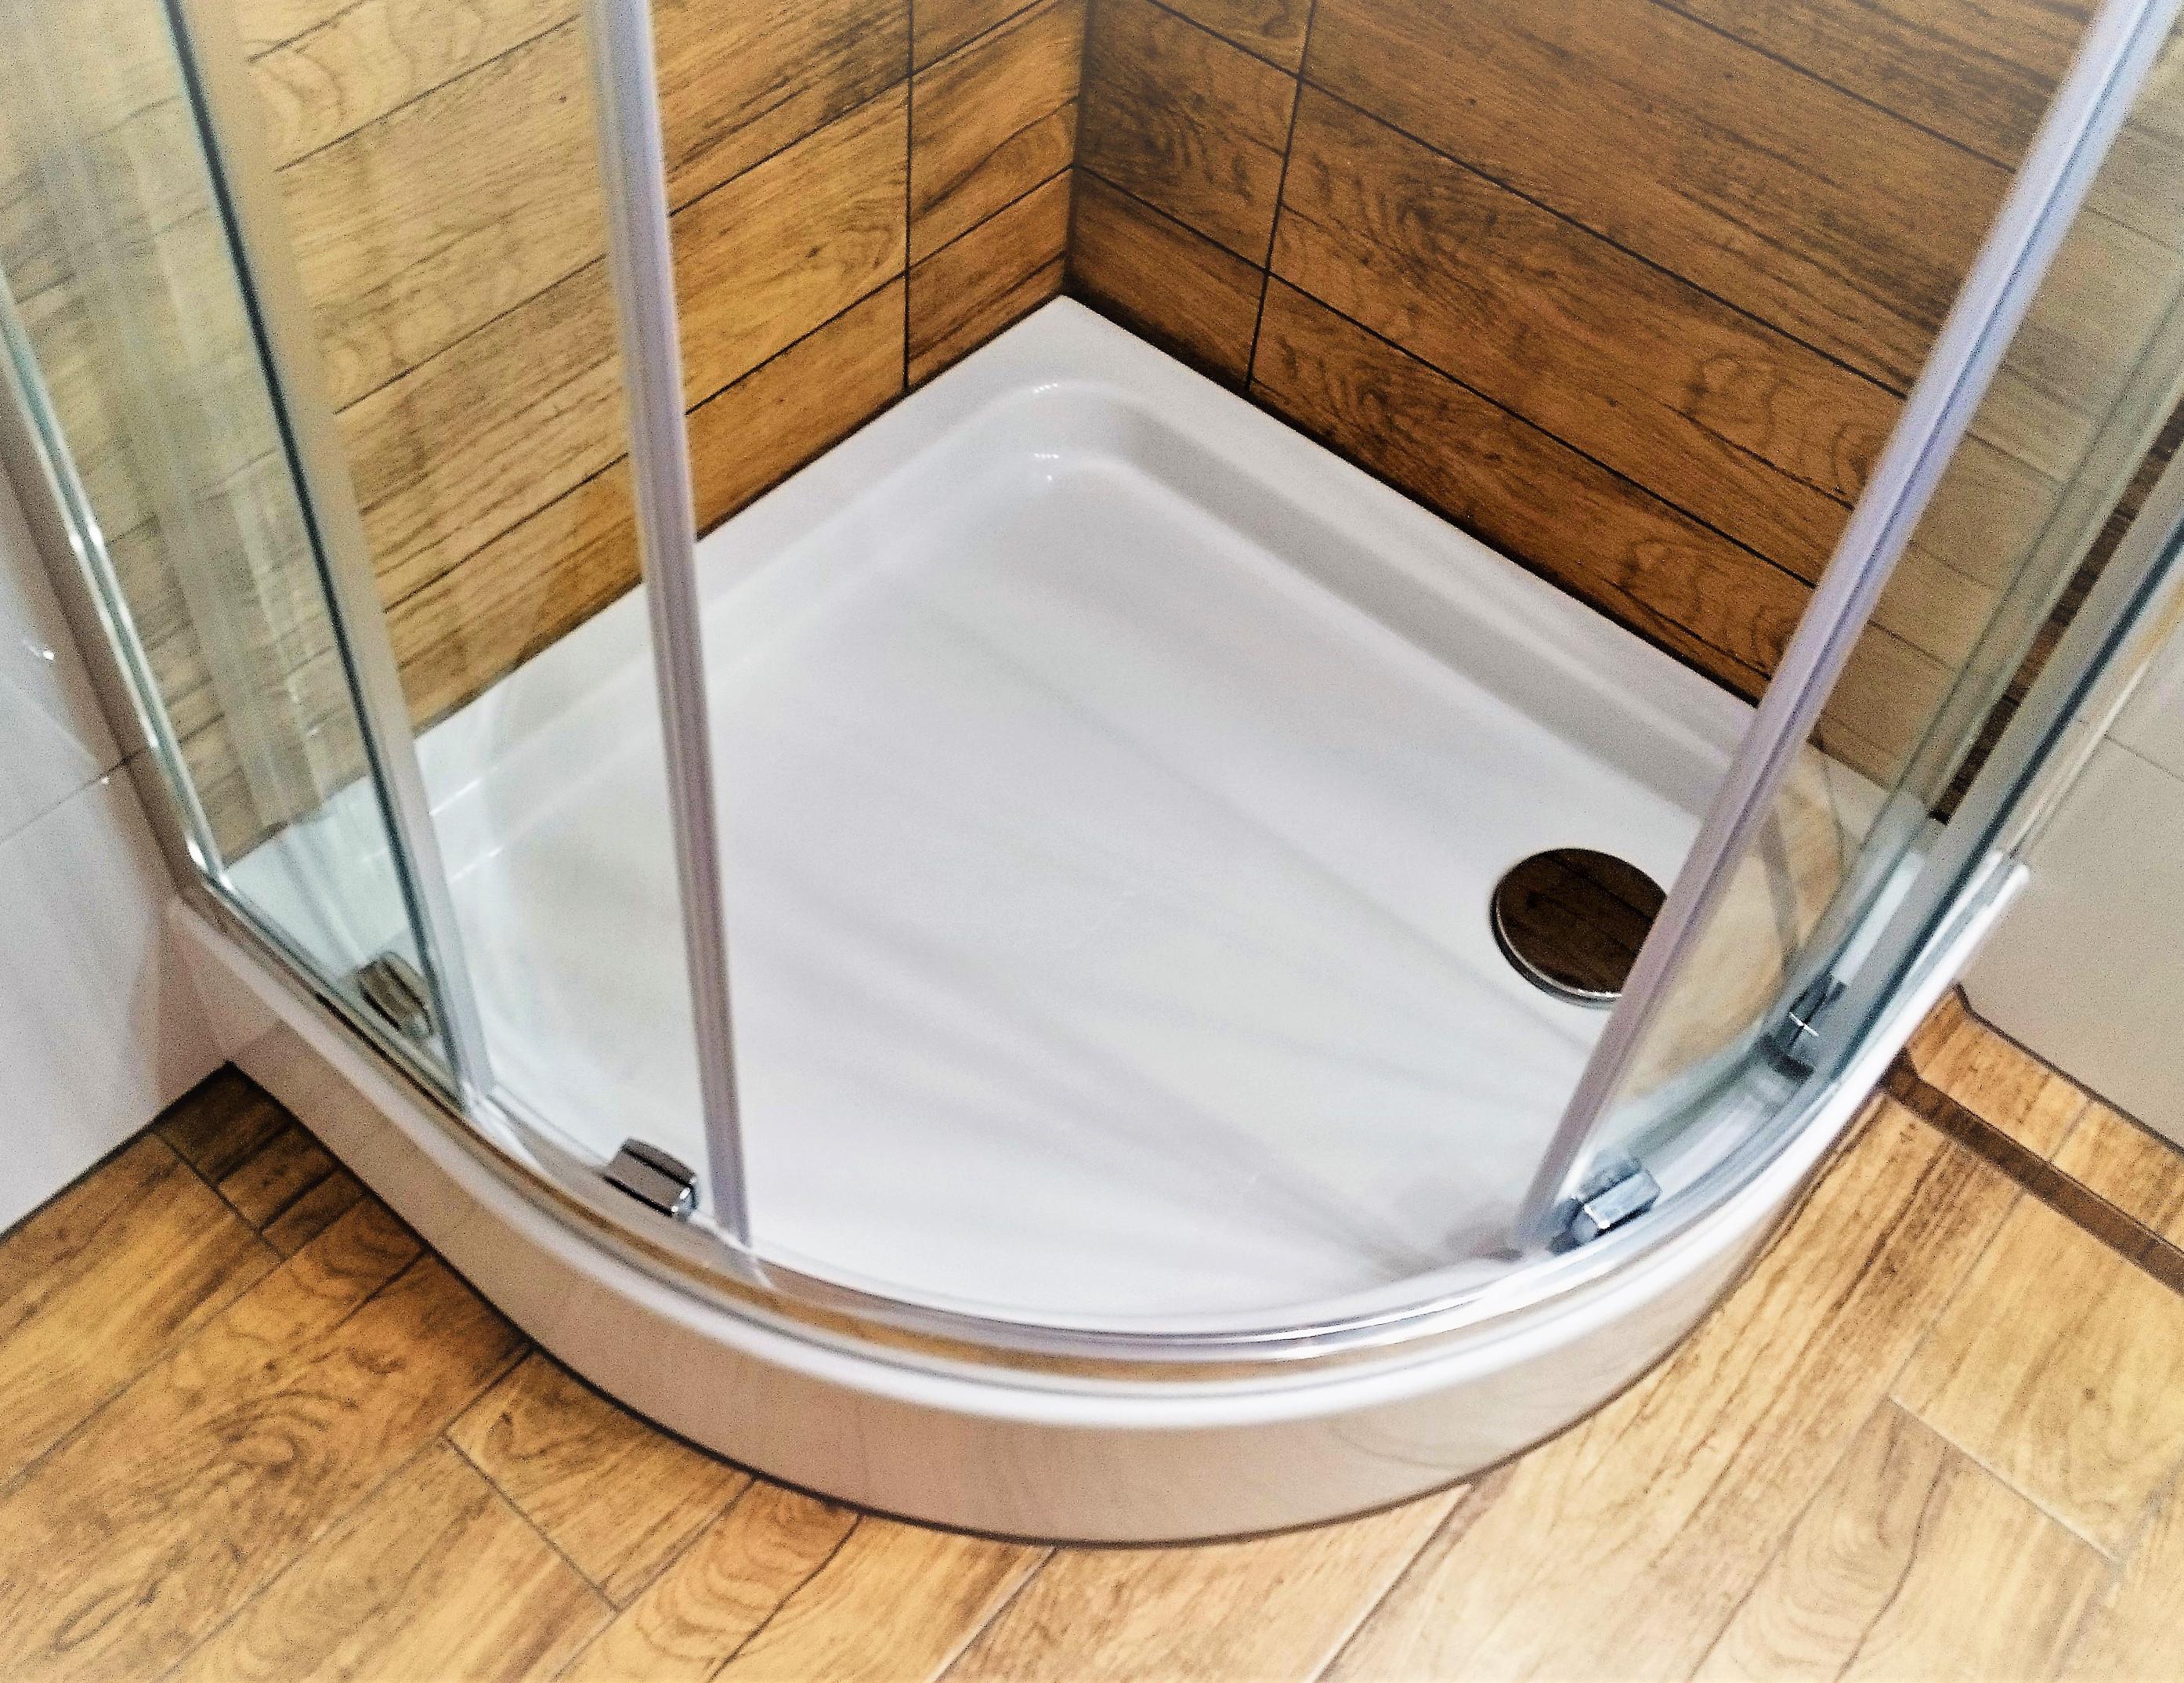 duschwanne duschtasse viertelkreis acryl 90 x 90 x 17 x 7 cm r55 sch rze ablauf ebay. Black Bedroom Furniture Sets. Home Design Ideas